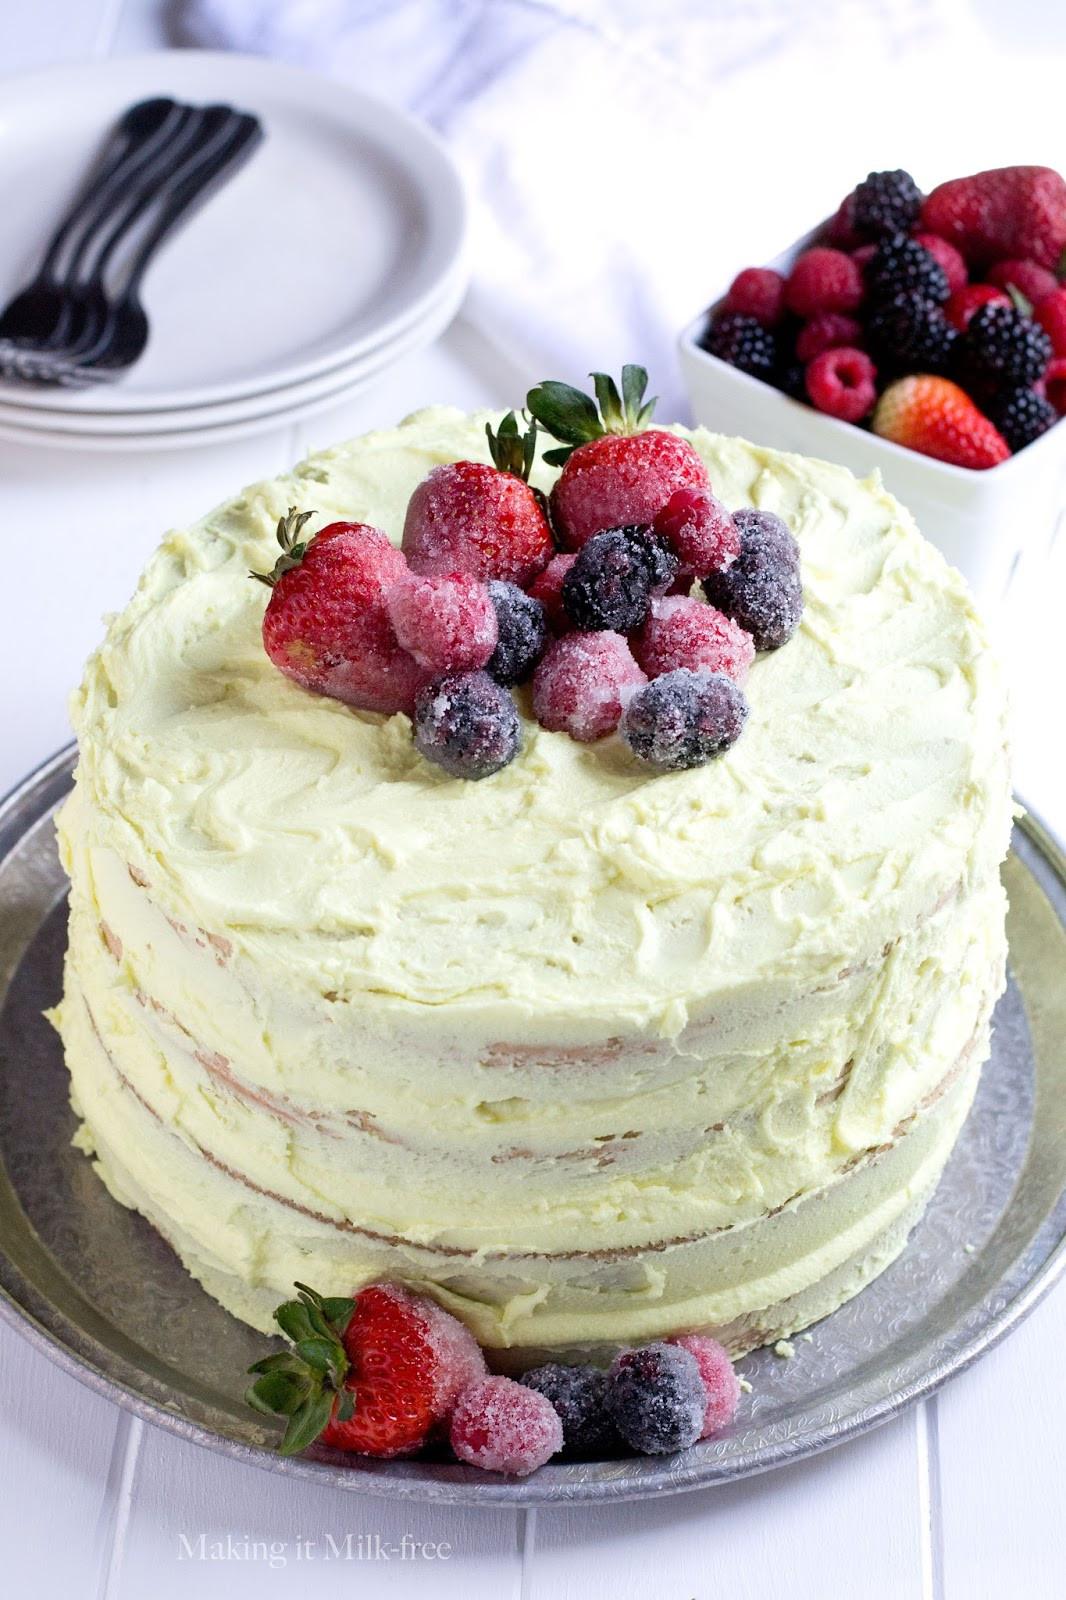 Lemon Layer Cake  Making it Milk free Lemon Layer Cake gluten free vegan